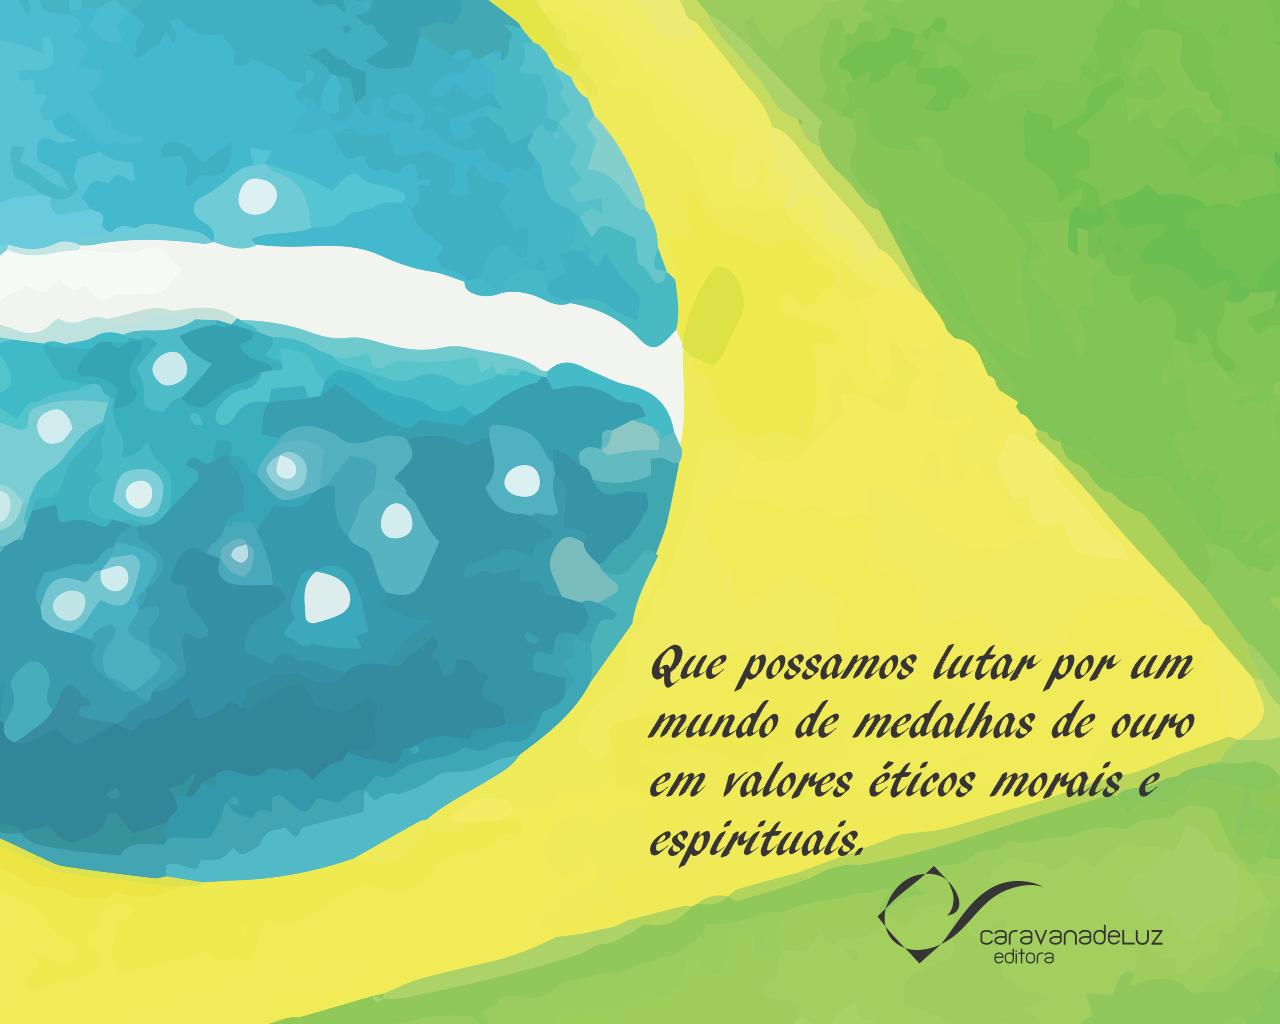 Clique na imagem acima e, faça download dos Wallpapers Por um Mundo Melhor, no formato 1280 por 1024, da Caravana de Luz Editora.